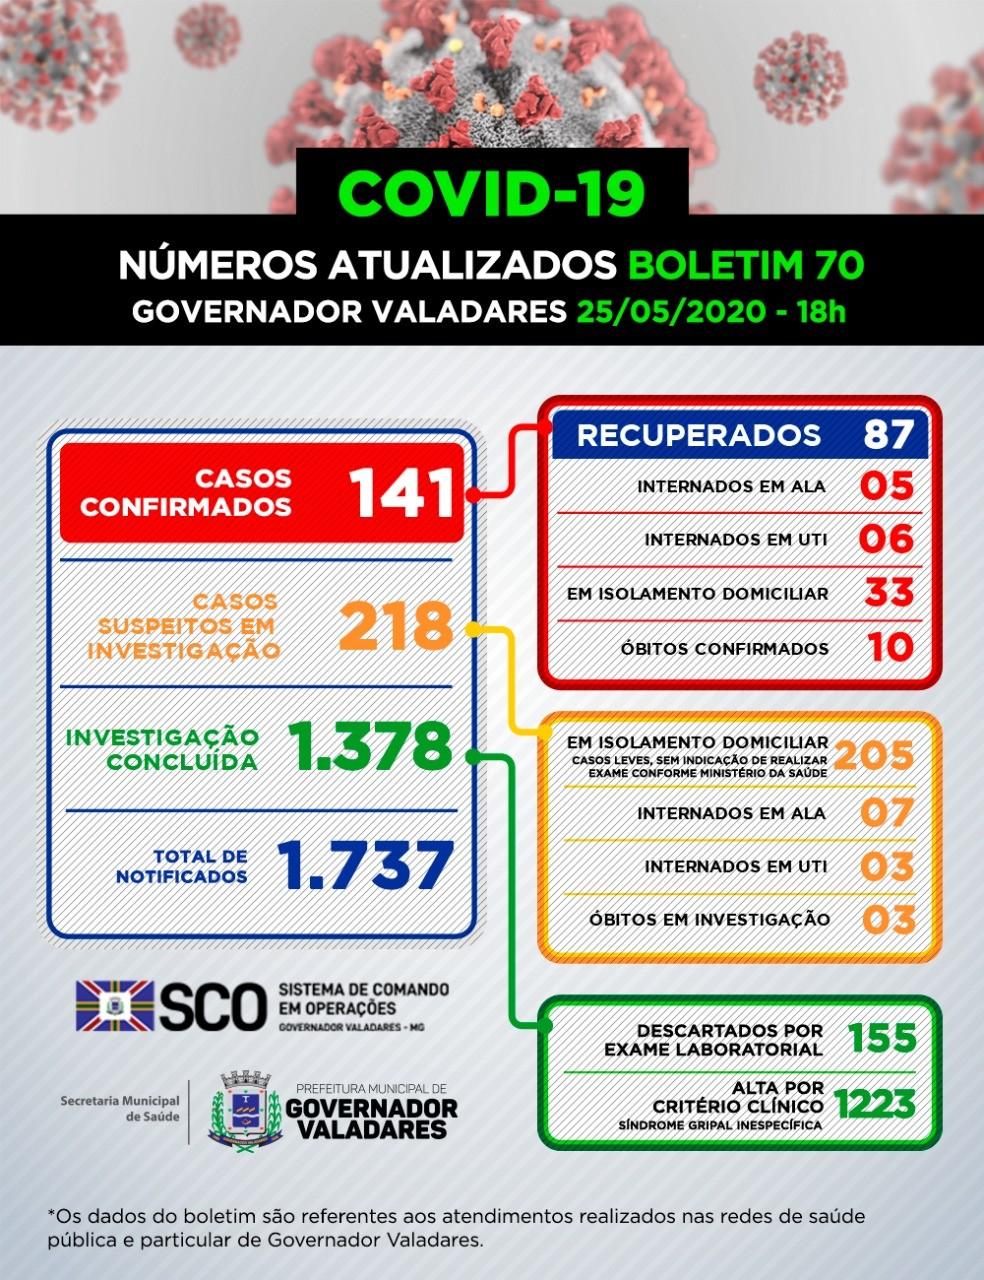 Prefeitura de Governador Valadares confirma mais quatro casos de Covid-19 e soma 141, aponta boletim